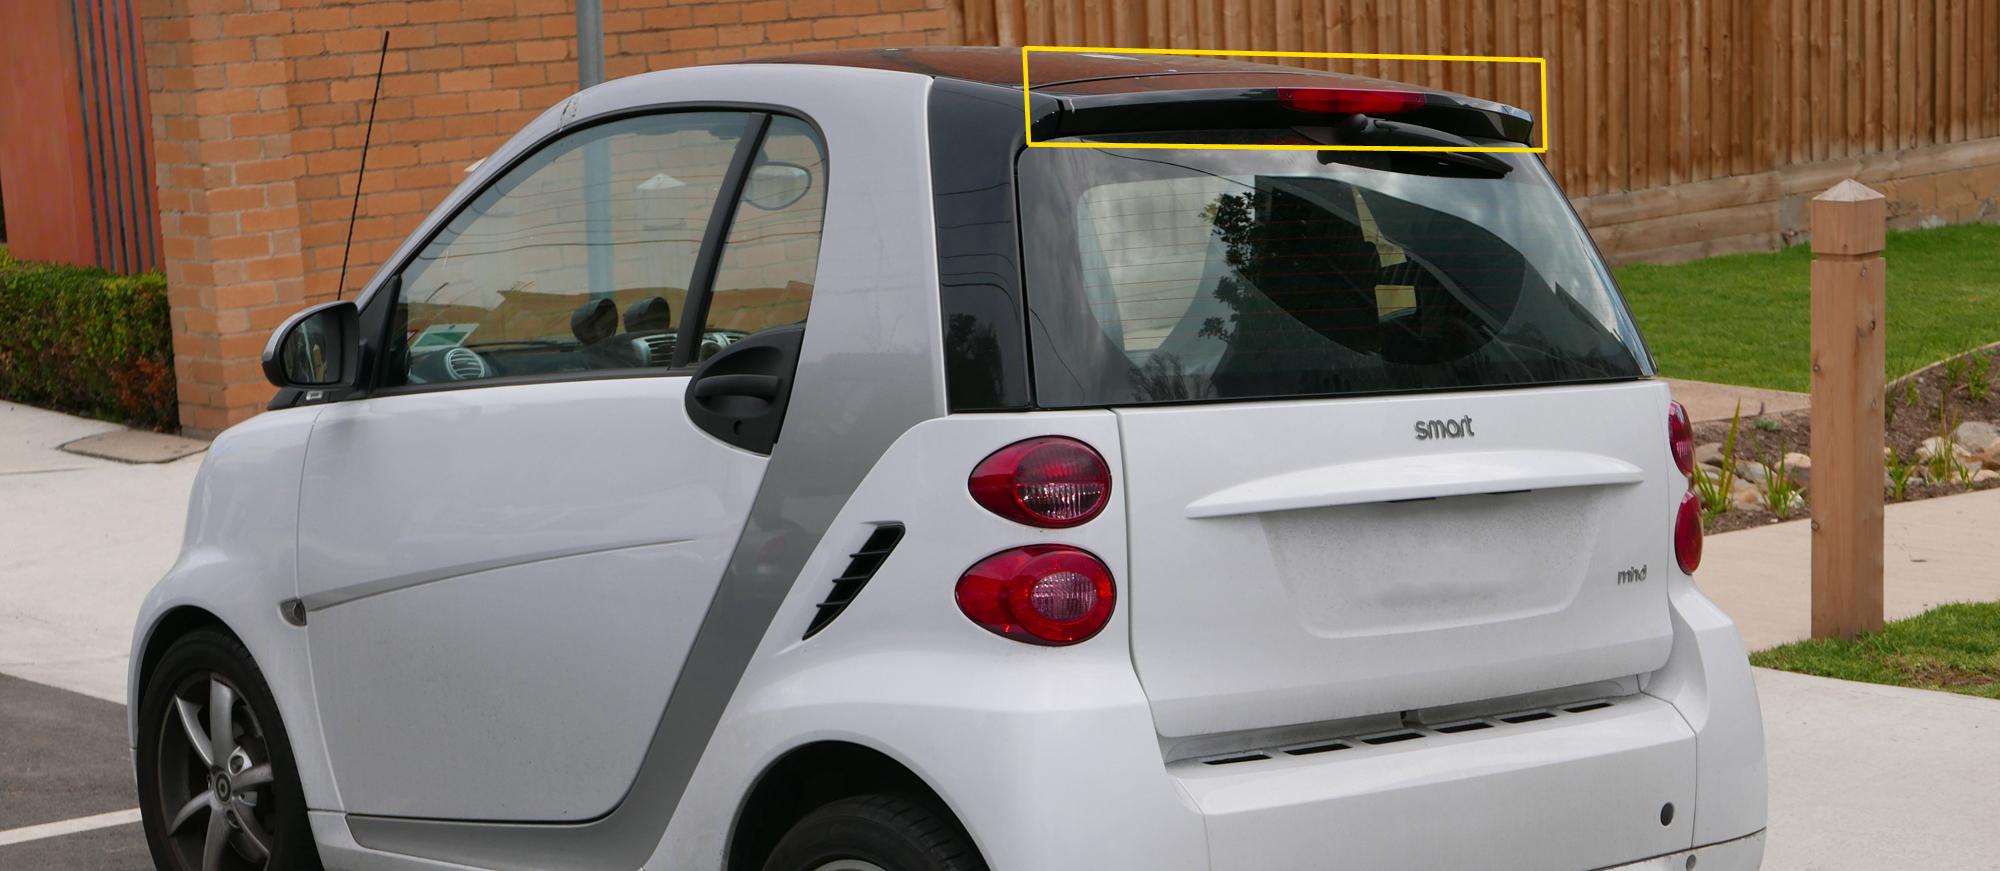 Smart fortwo 451 hátsó ablak fekete műanyag féklámpa spoiler eltávolítása útmutató leírás kép